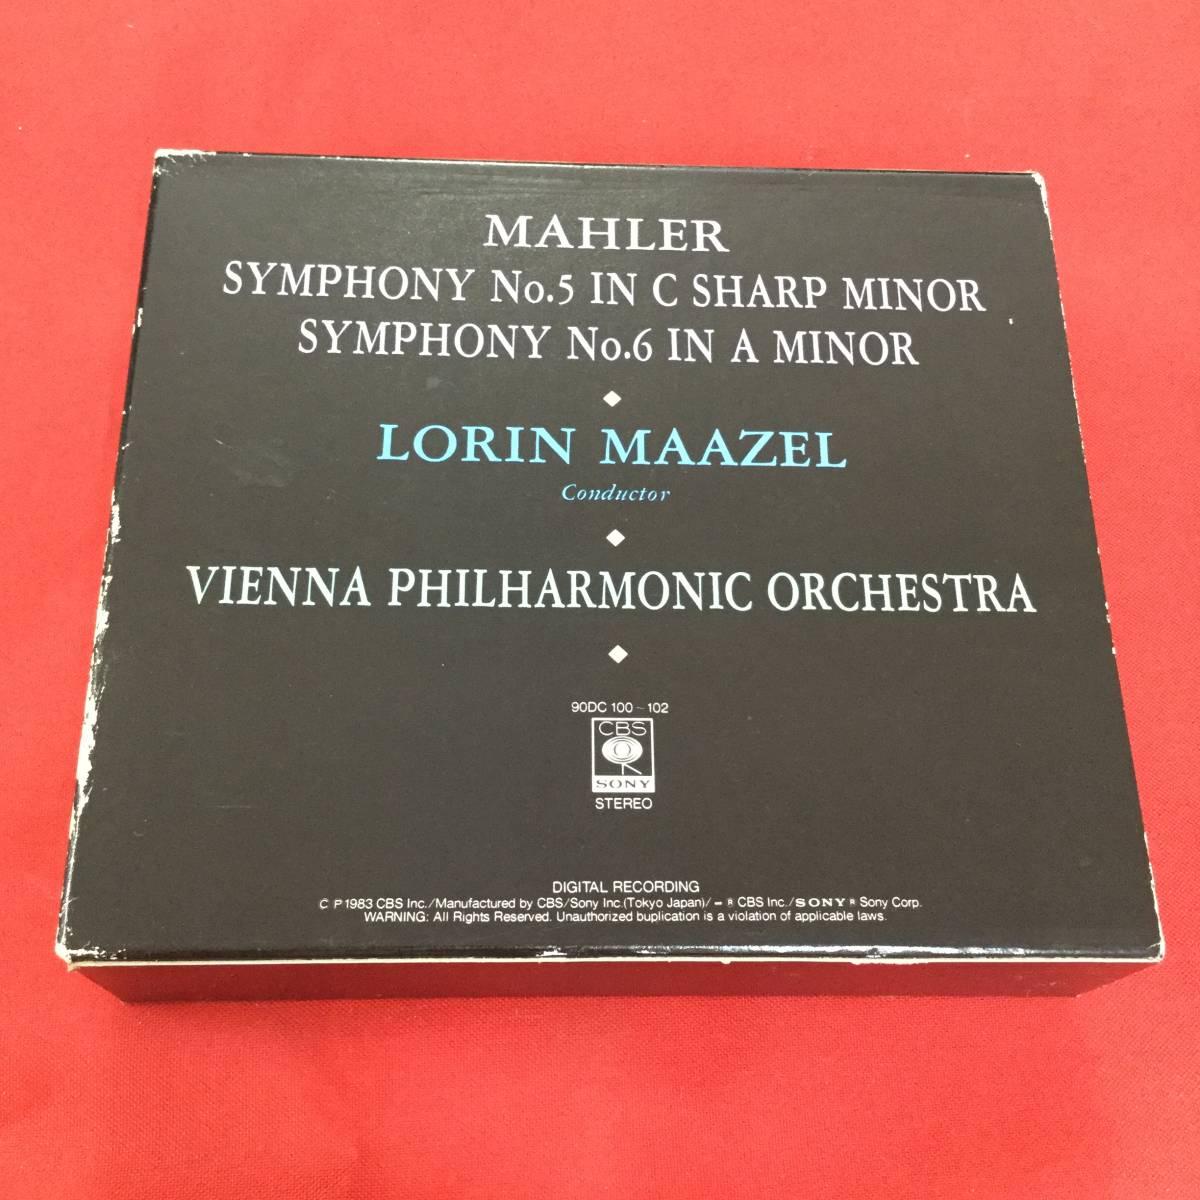 〇マゼール/マーラー、交響曲第5番&第6番/3CD、90DC 100~102_画像2